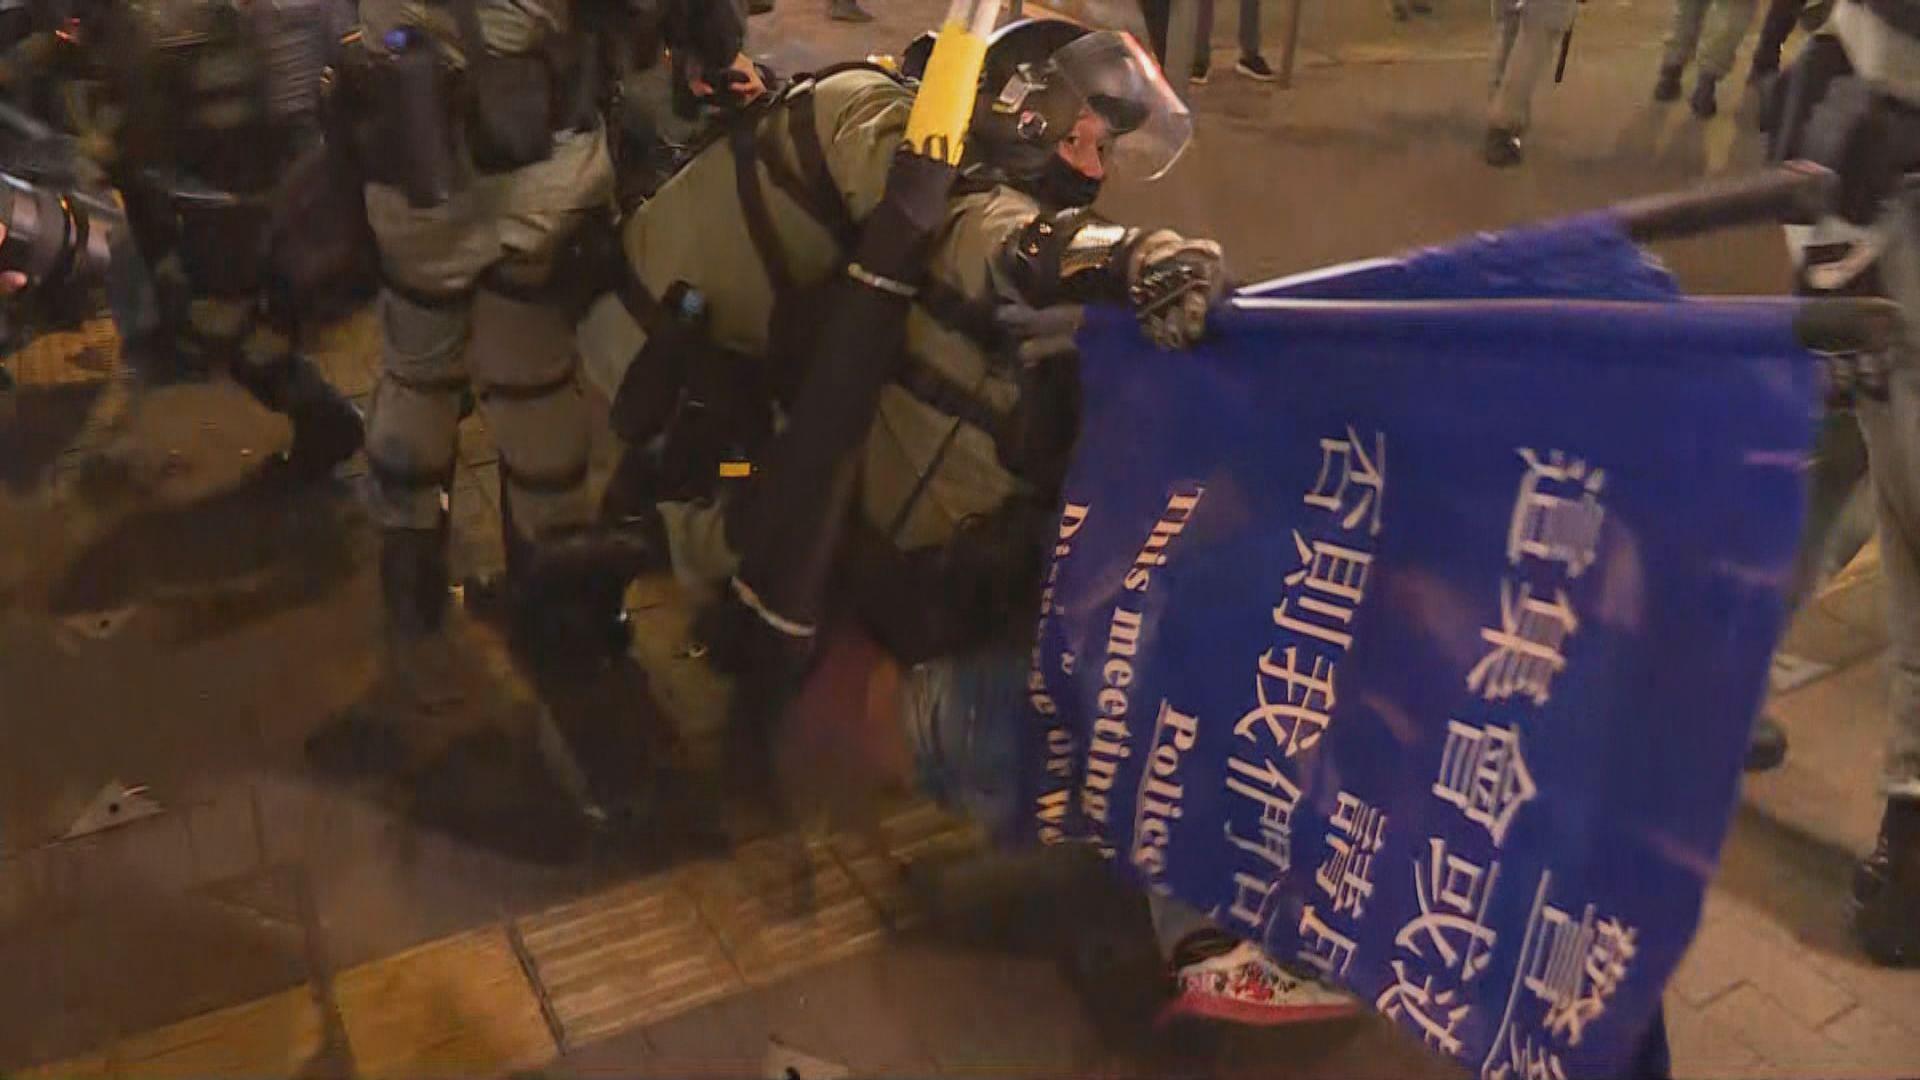 警方入夜後多次在旺角驅散人群 制服多人